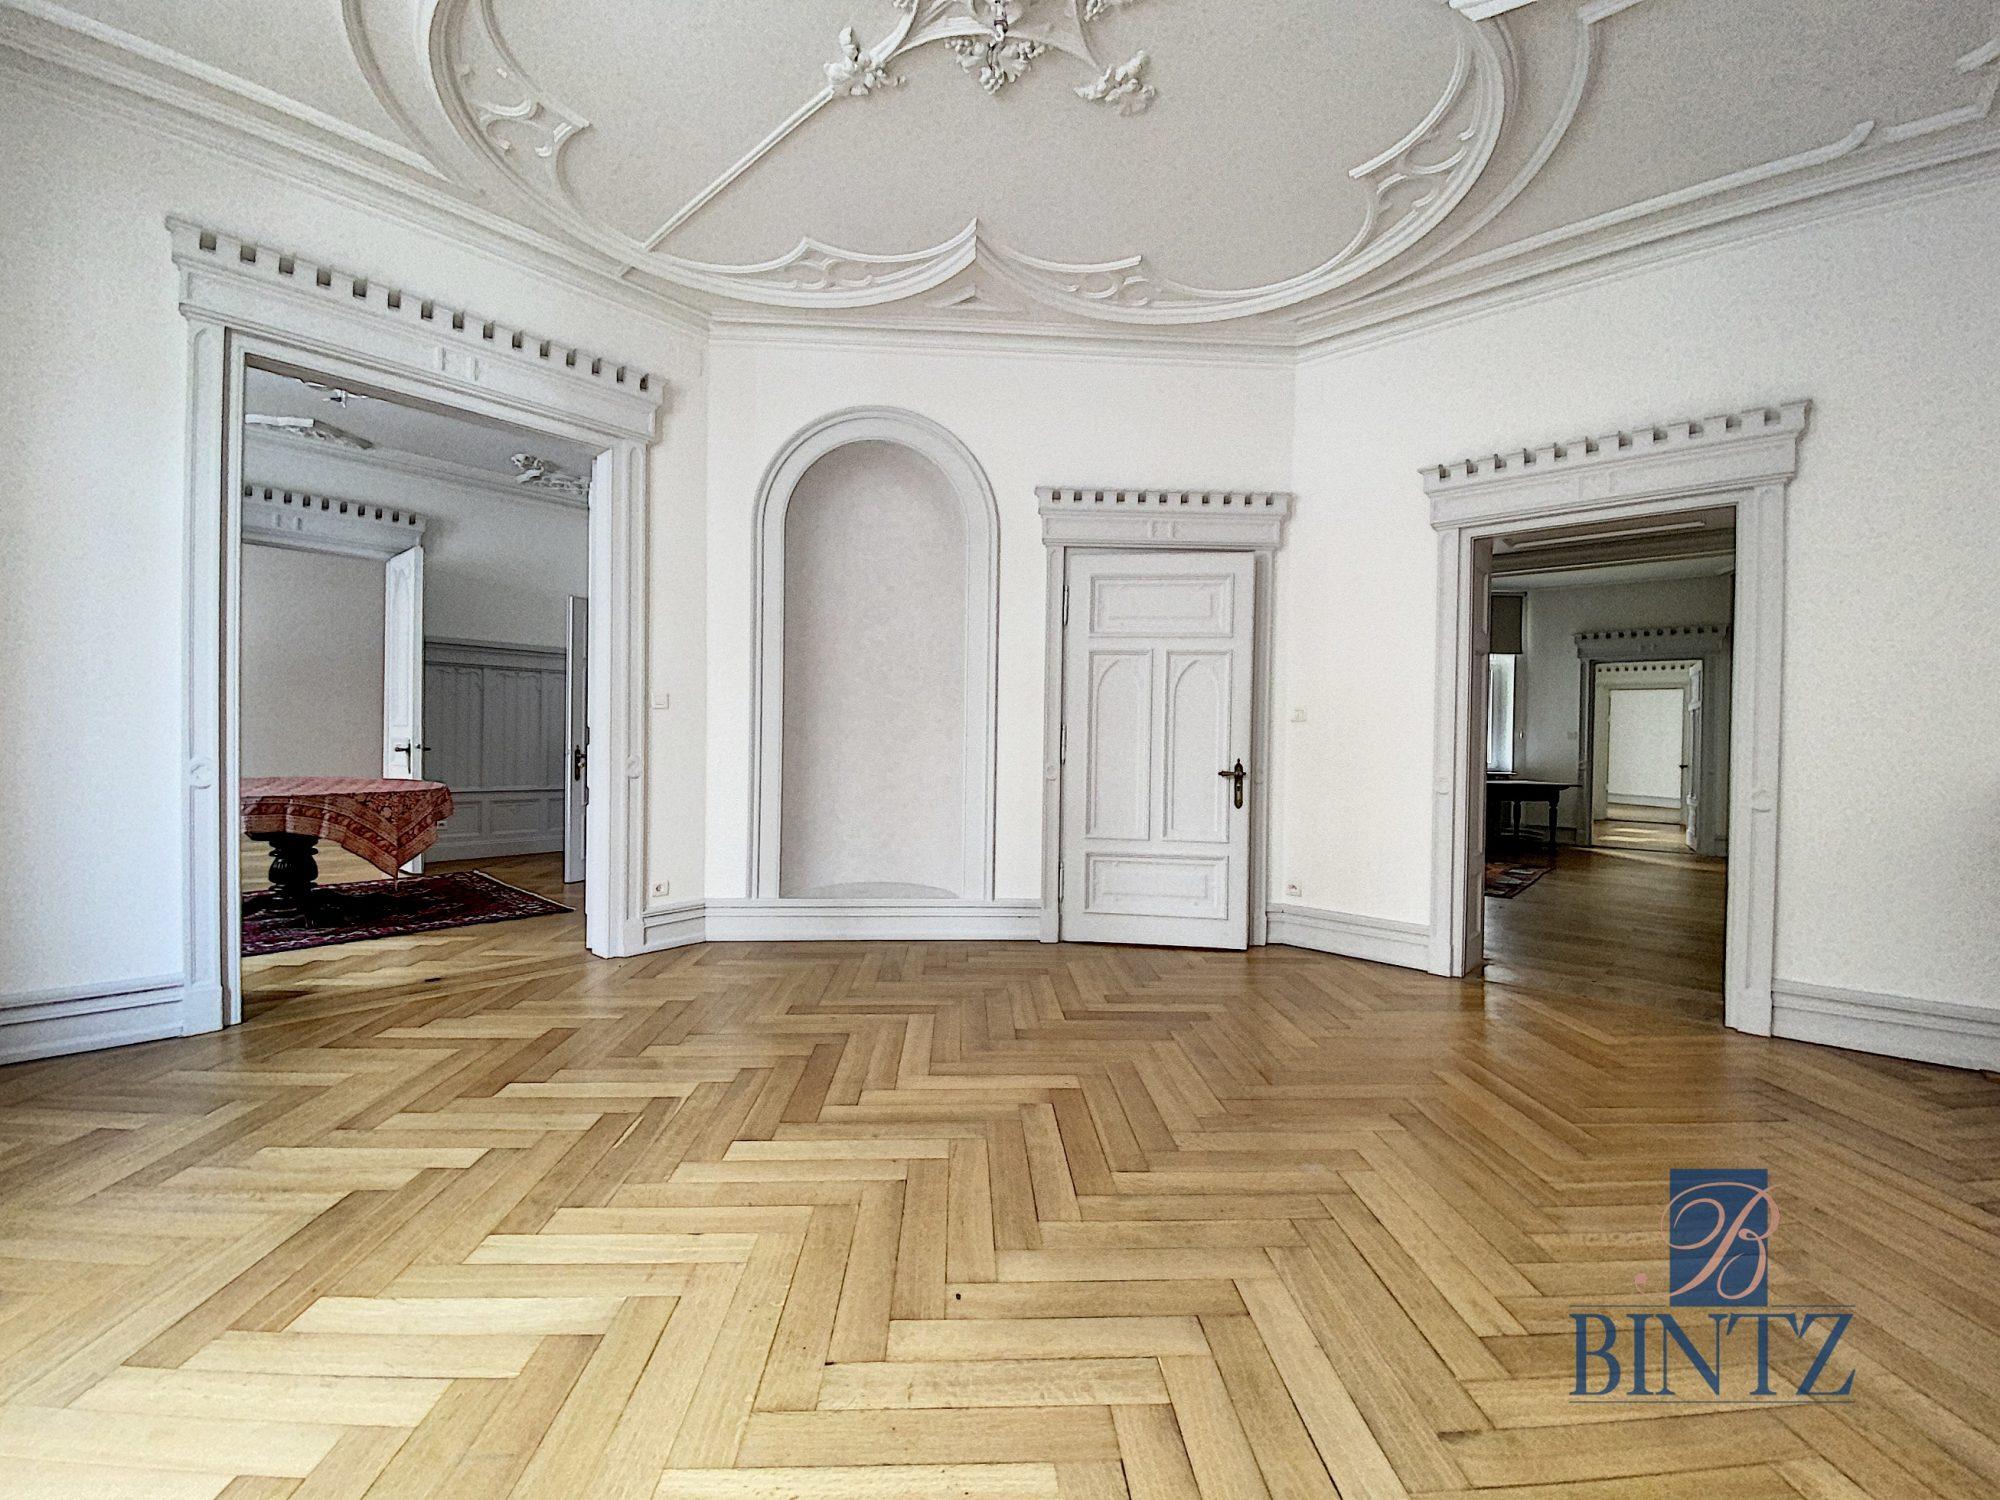 Magnifique 6 pièces de 164m2 Quartier Neustadt - Devenez propriétaire en toute confiance - Bintz Immobilier - 2